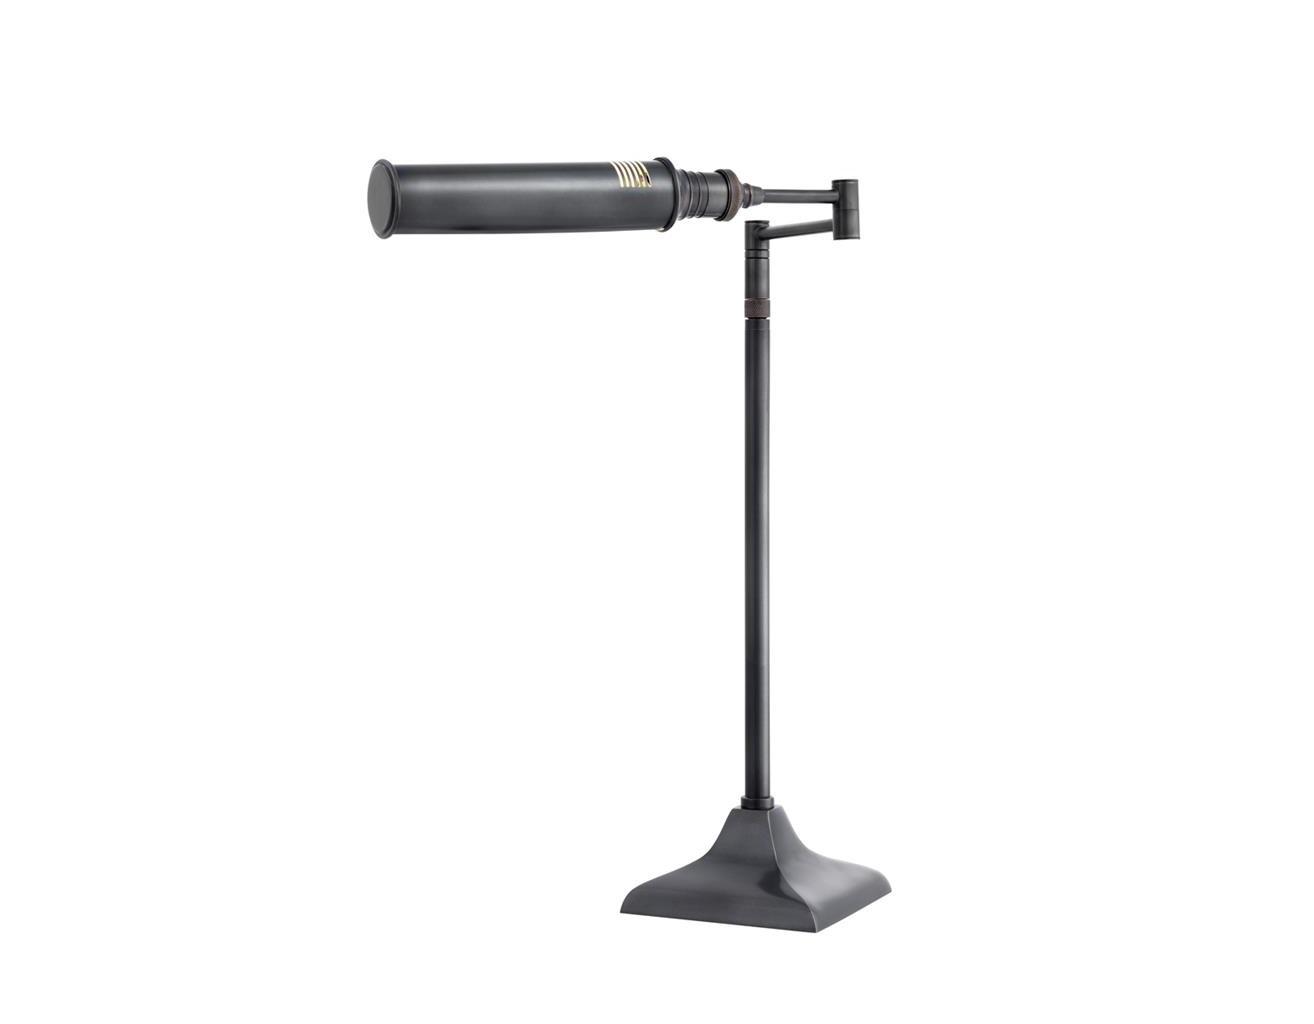 Настольная лампа Eichholtz 5789975 от thefurnish